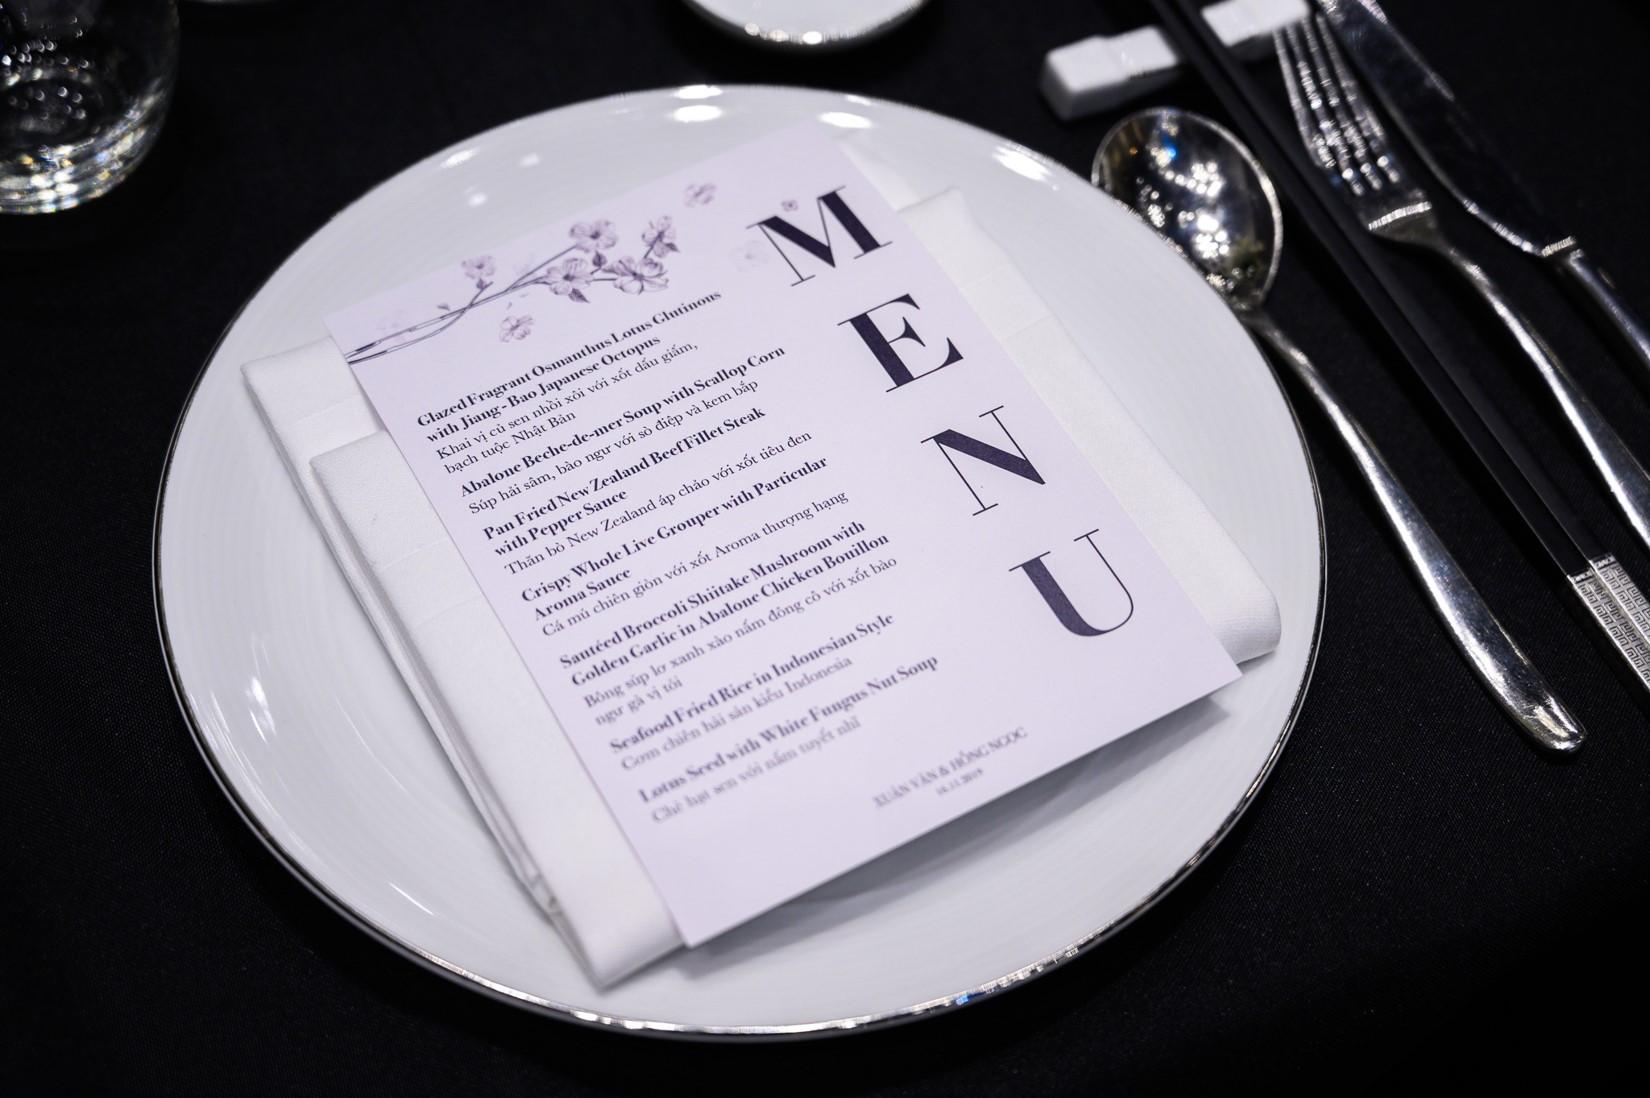 Đám cưới Bảo Thy gây choáng với thực đơn toàn sơn hào hải vị - 8